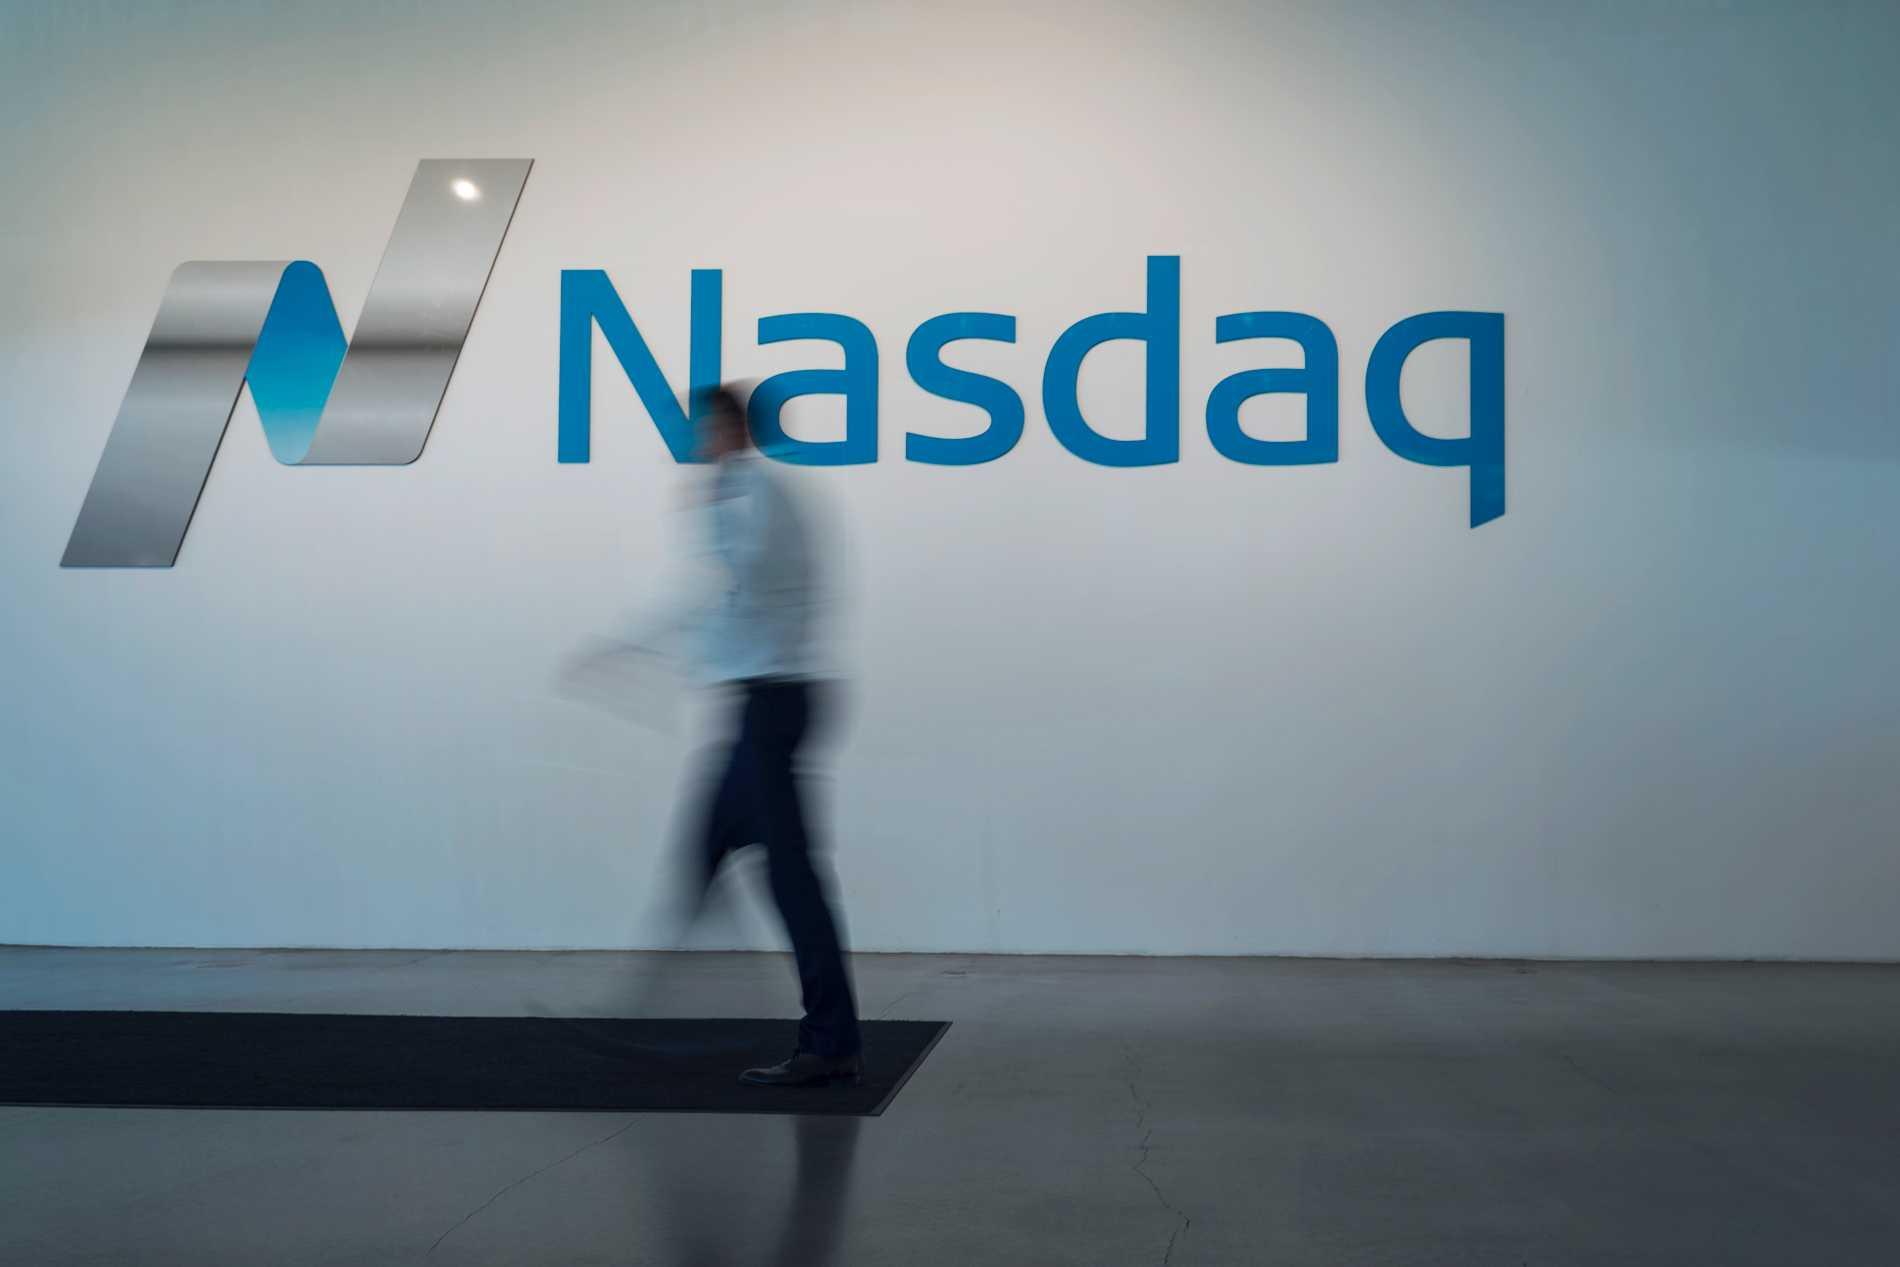 Börsen inleder nedåt på bred front